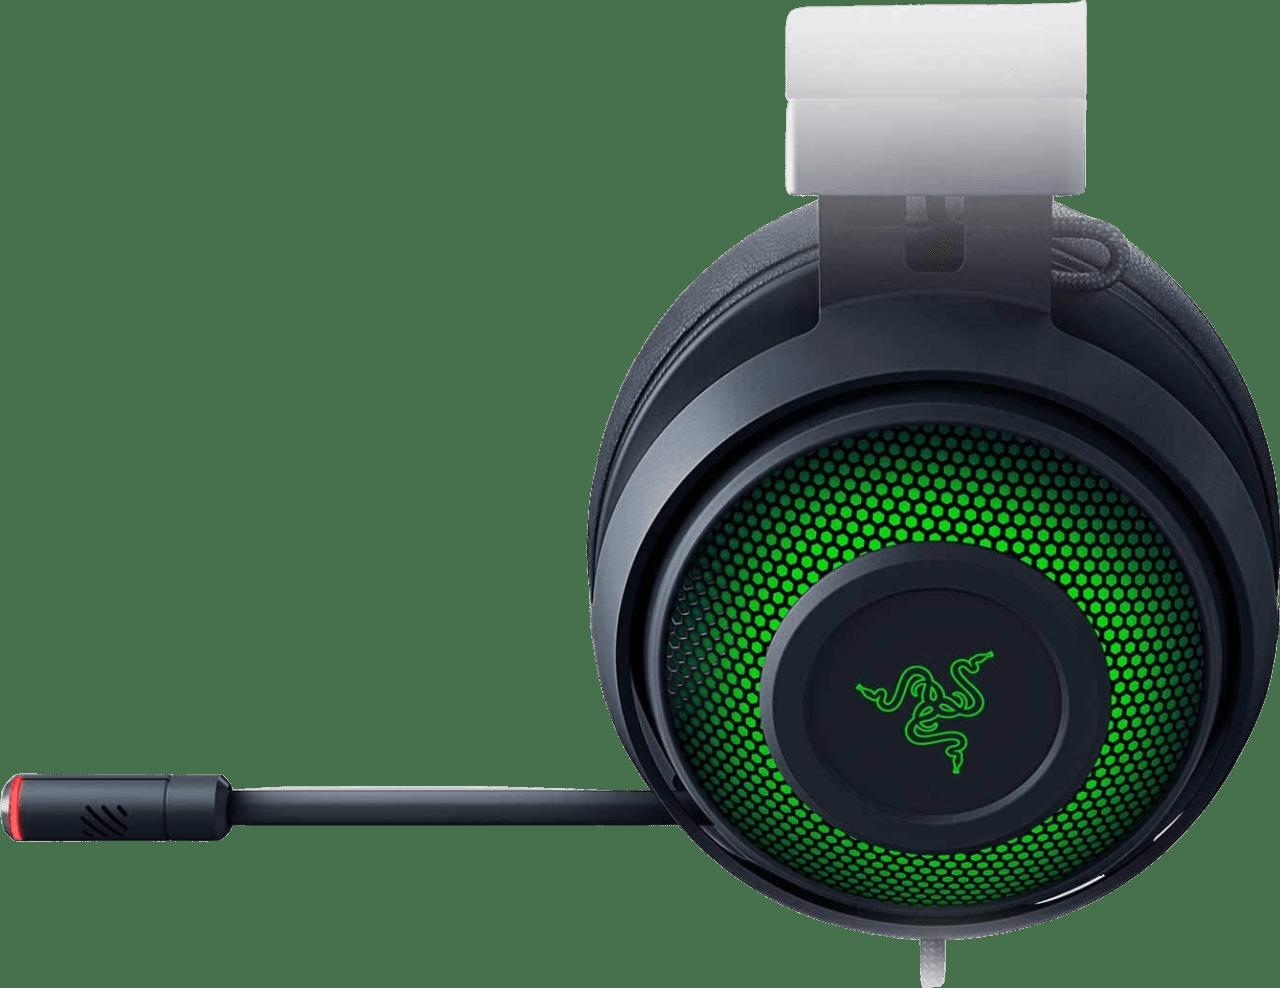 Black Razer Kraken Ultimate Over-ear Gaming Headphones.3